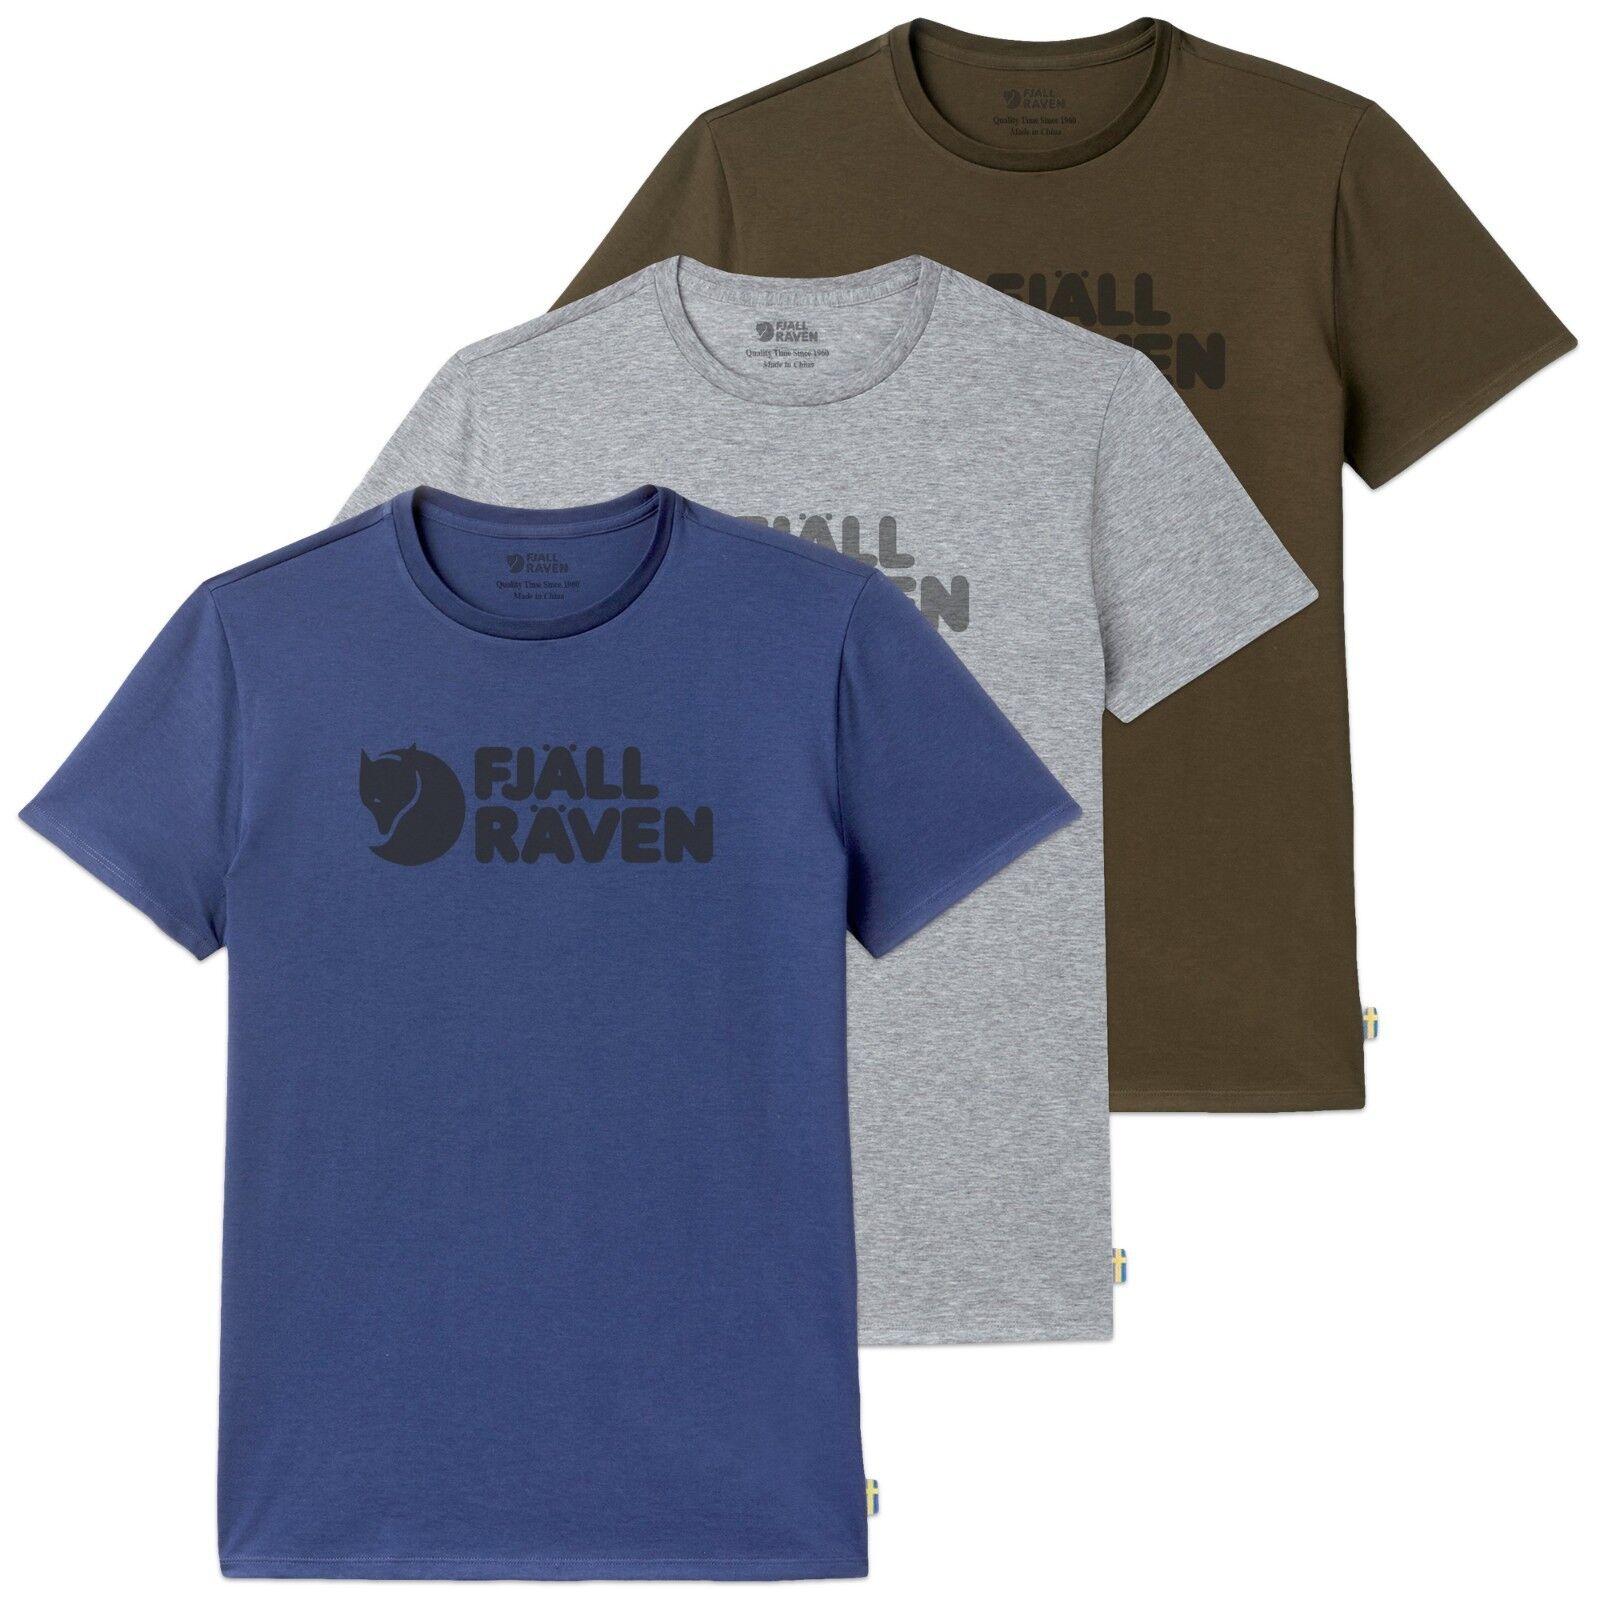 Fjallraven T-Shirts - Fjallraven Logo Tee - grau, Tarmac, Deep Blau - BNWT  | Große Klassifizierung  | Viele Stile  | Nutzen Sie Materialien voll aus